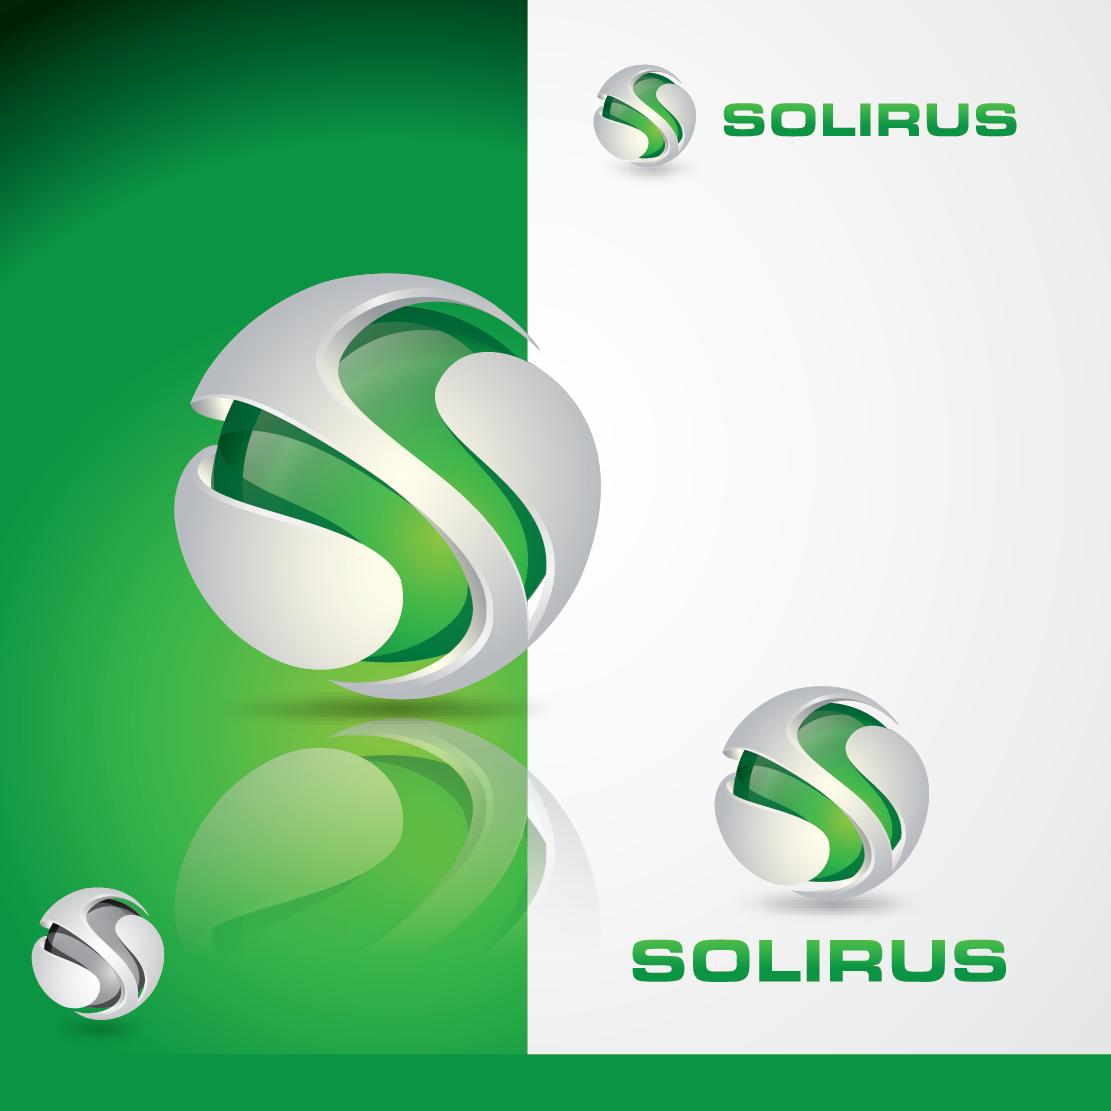 Membuat logo 3D dengan adobe illustrator - BELAJAR DESAIN